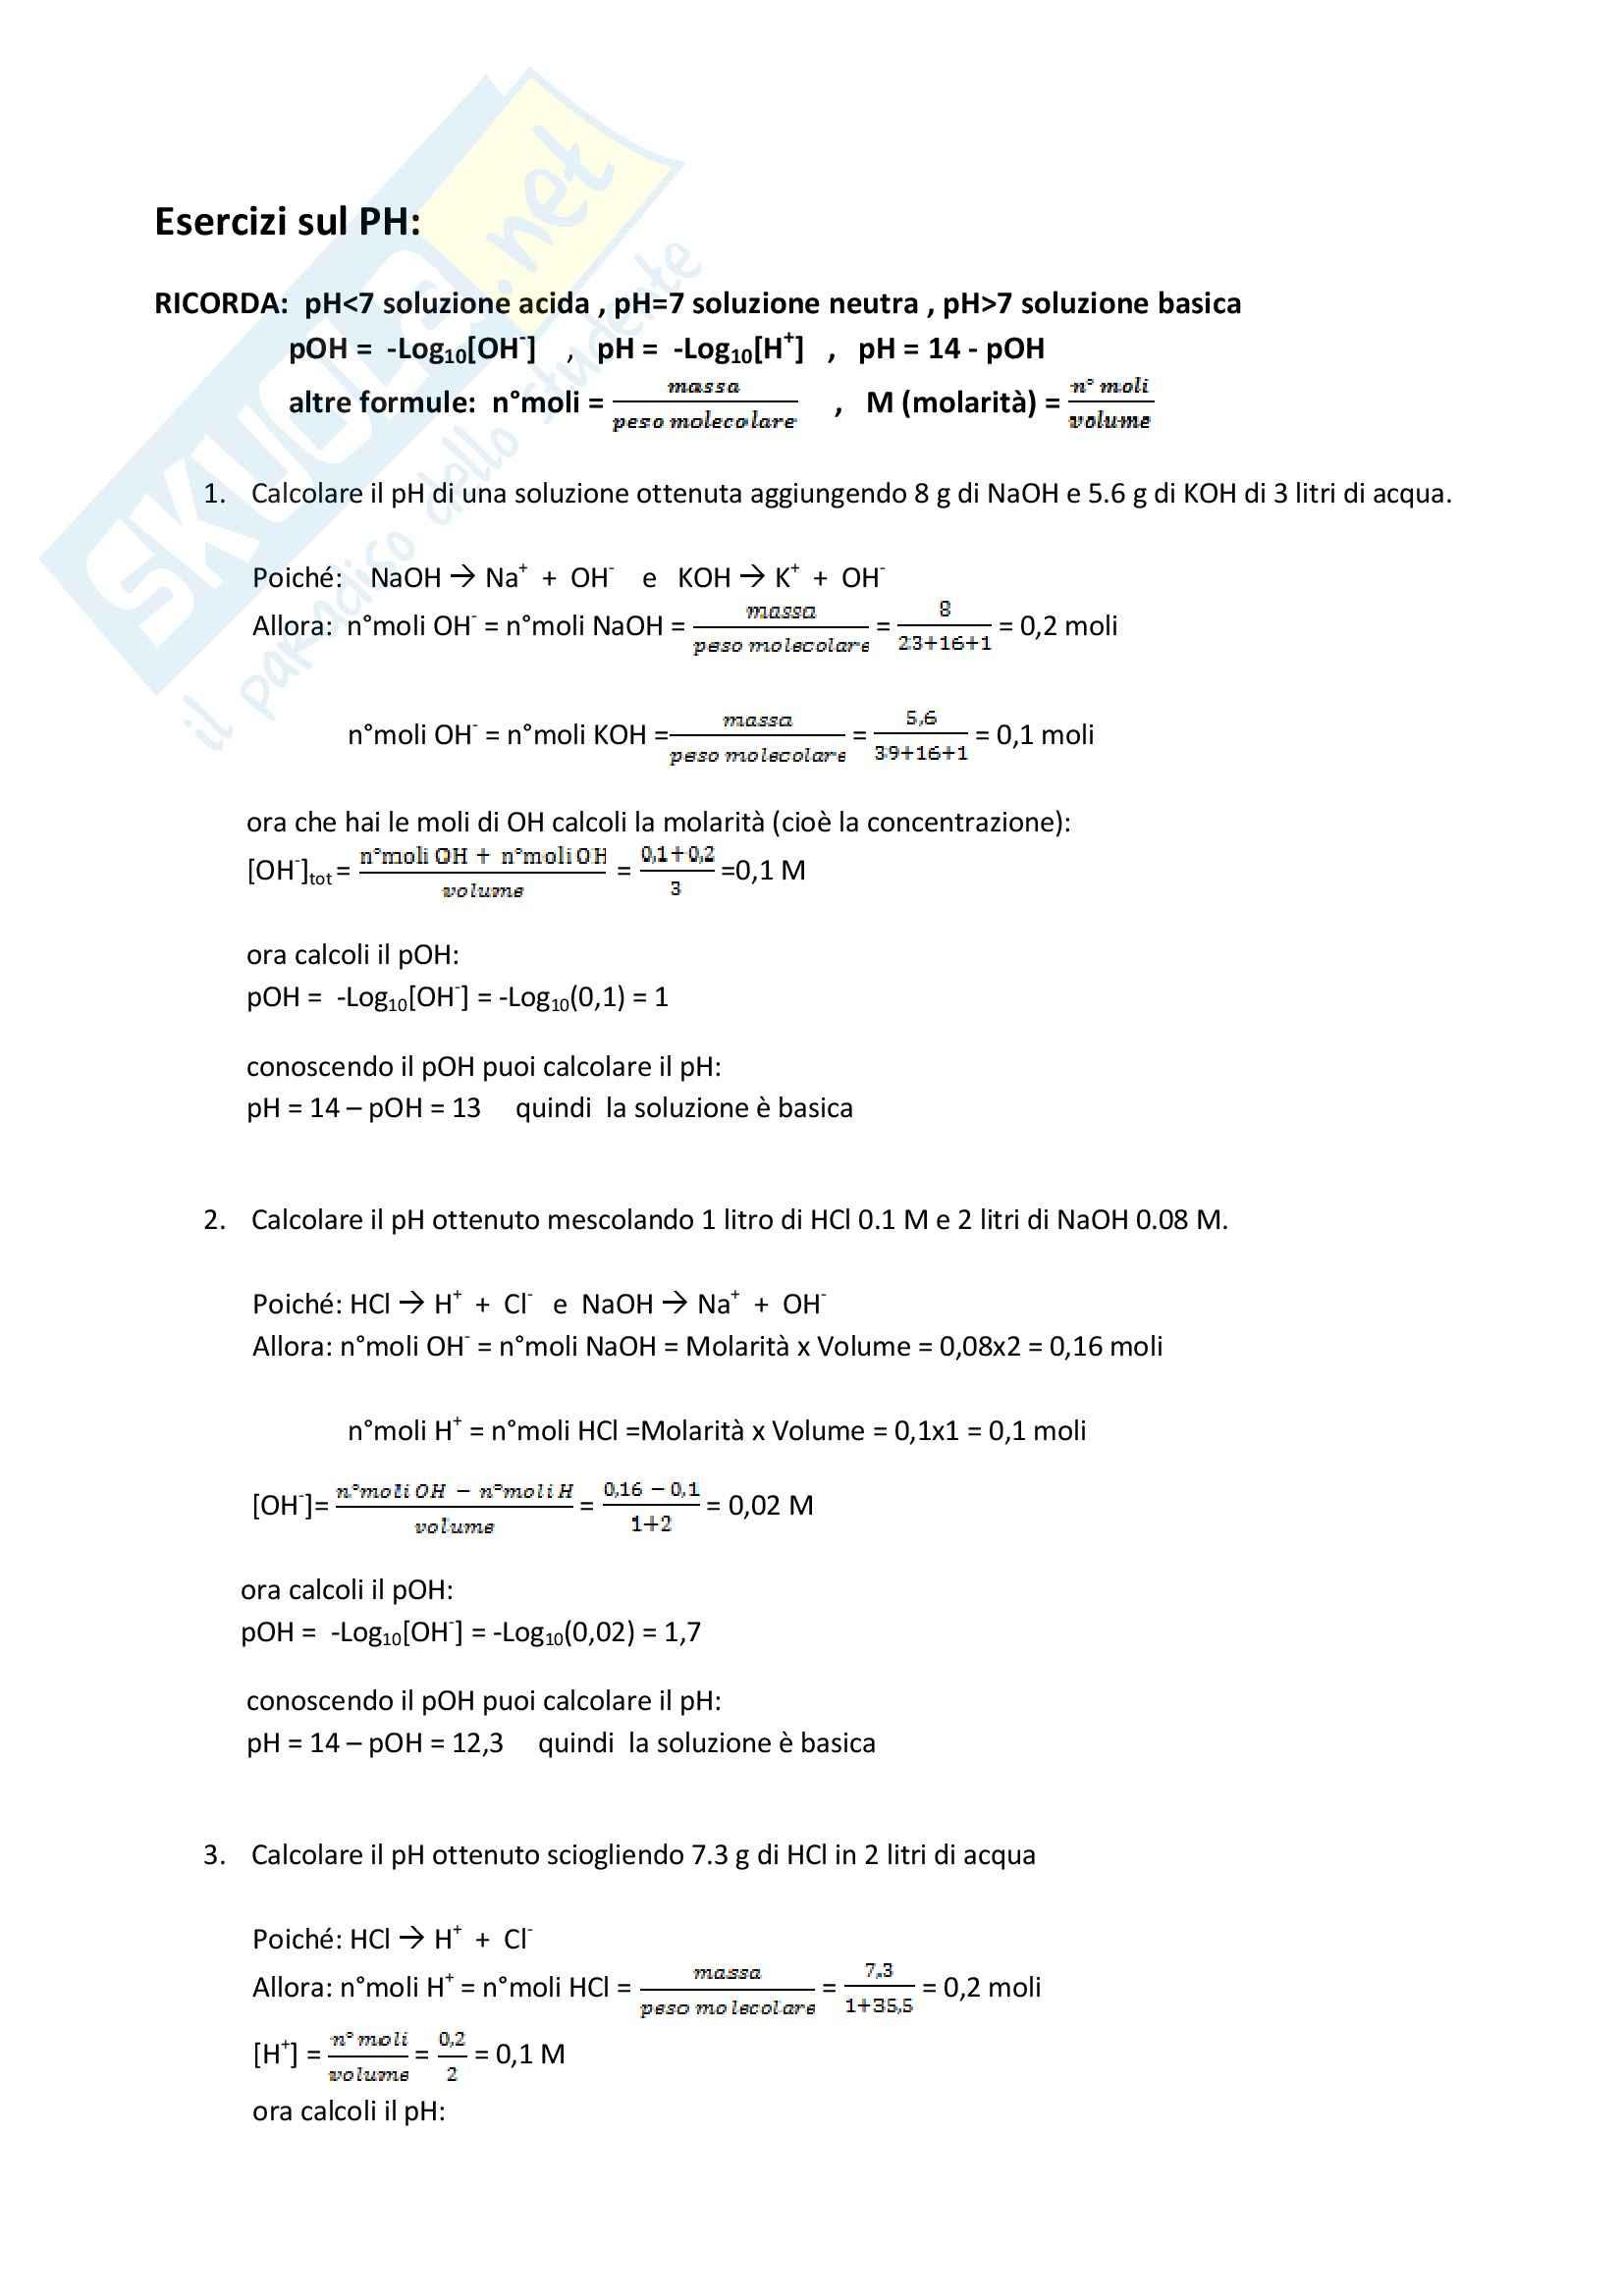 Chimica - Esercizi di stechiometria